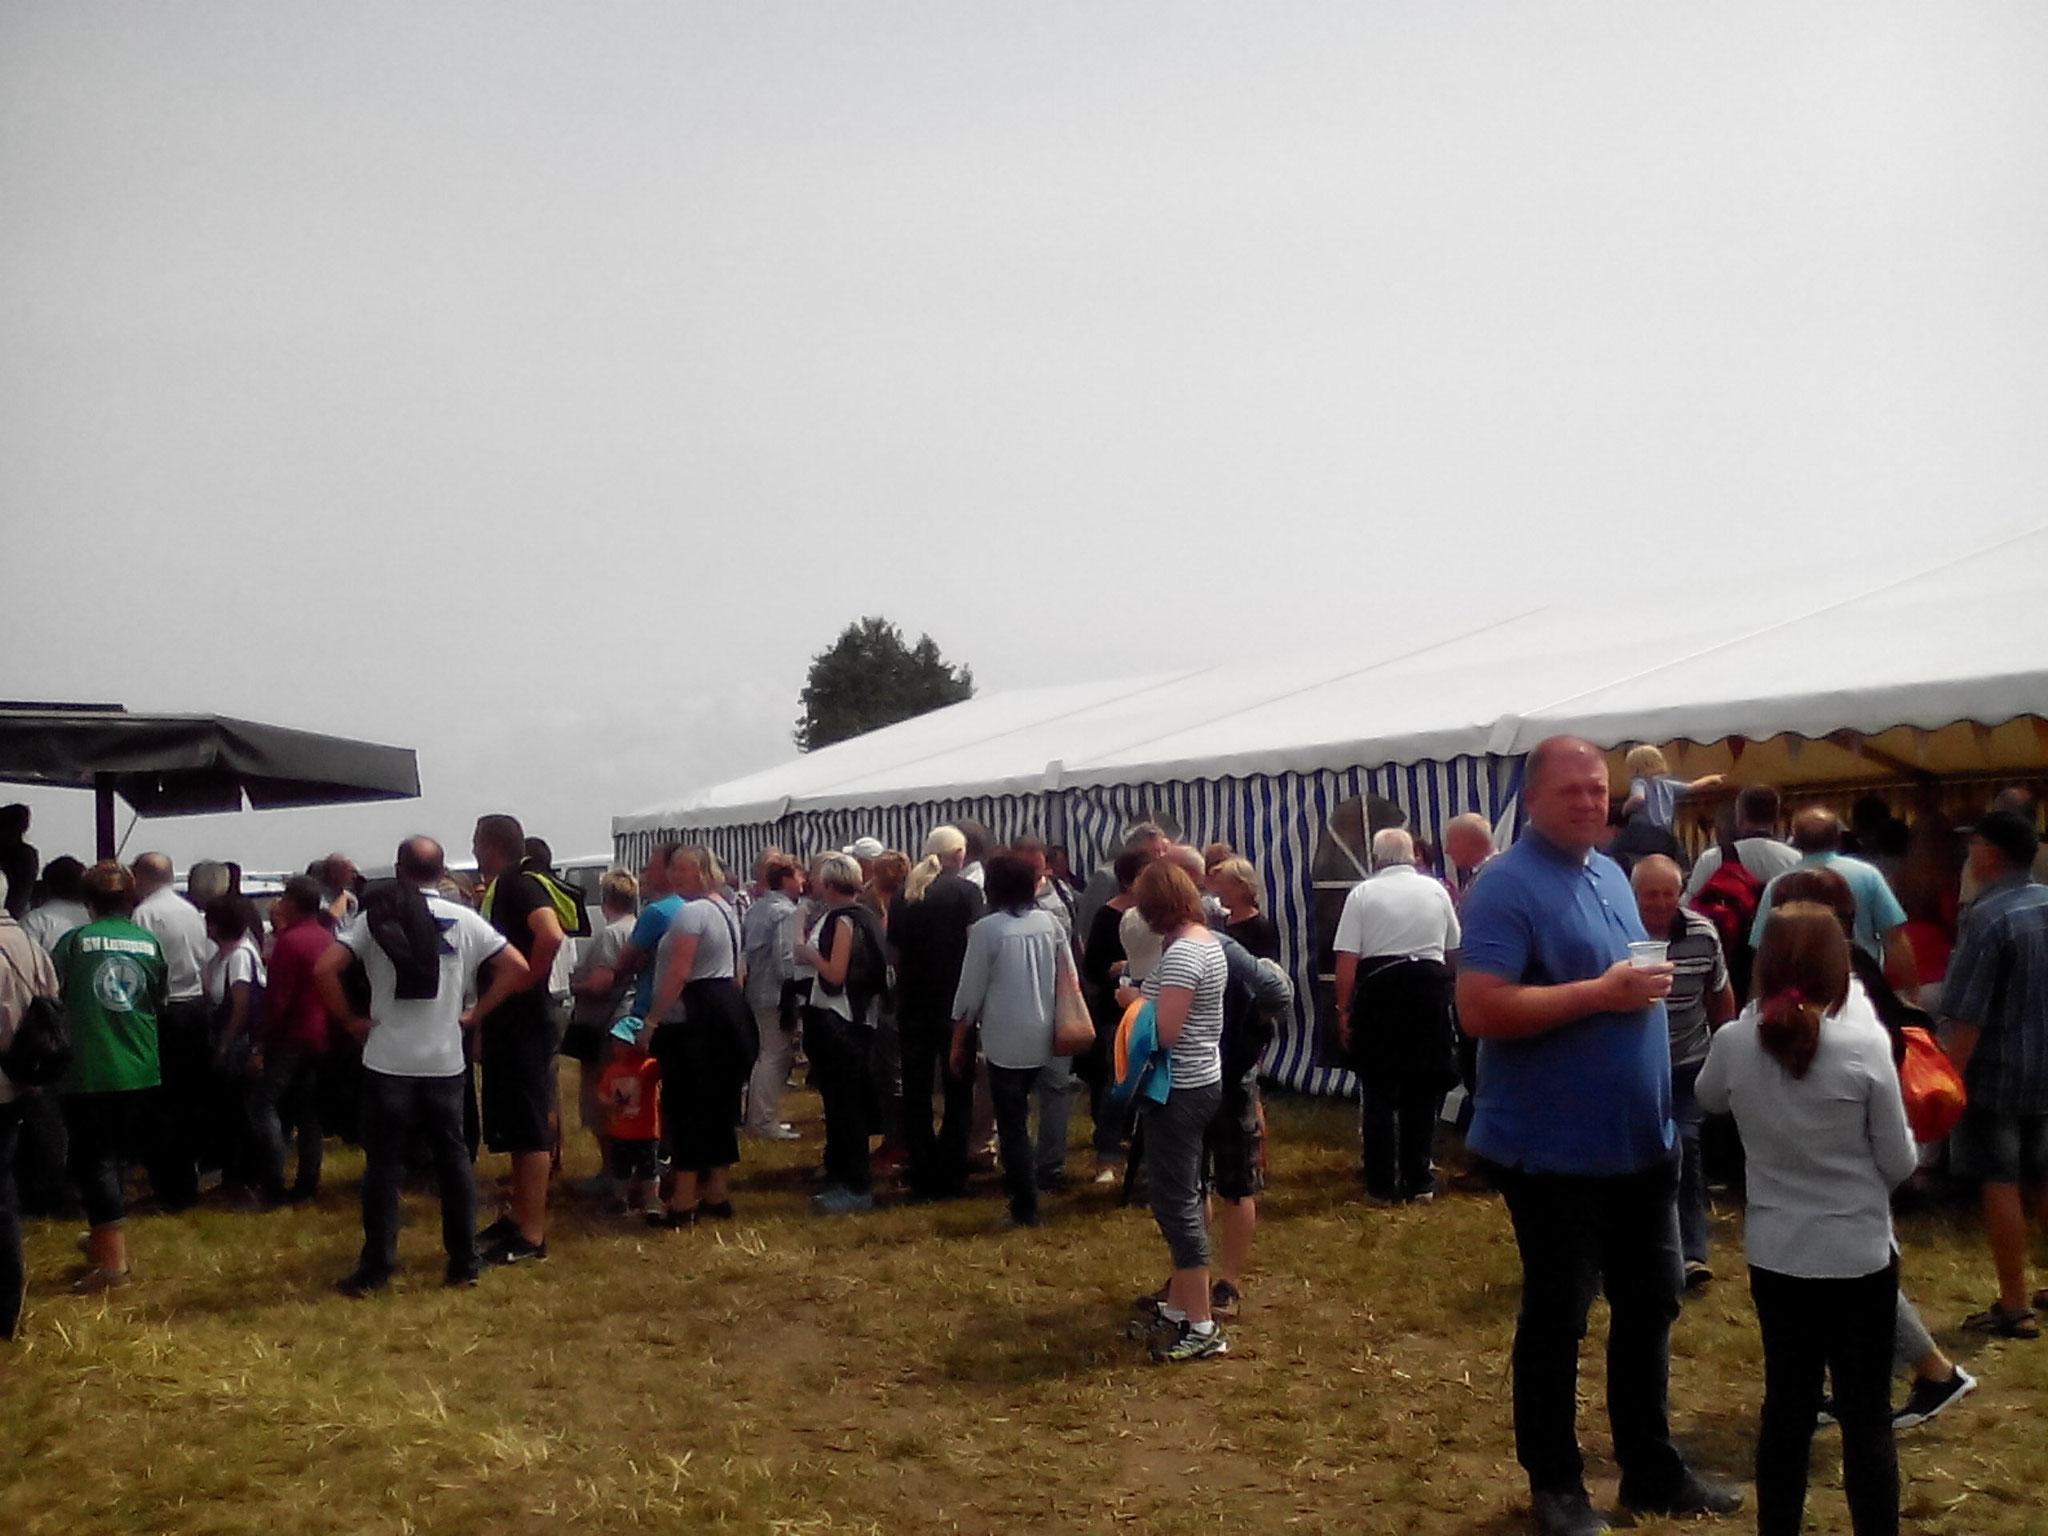 Auch vor dem Festzelt drängten sich die Menschen